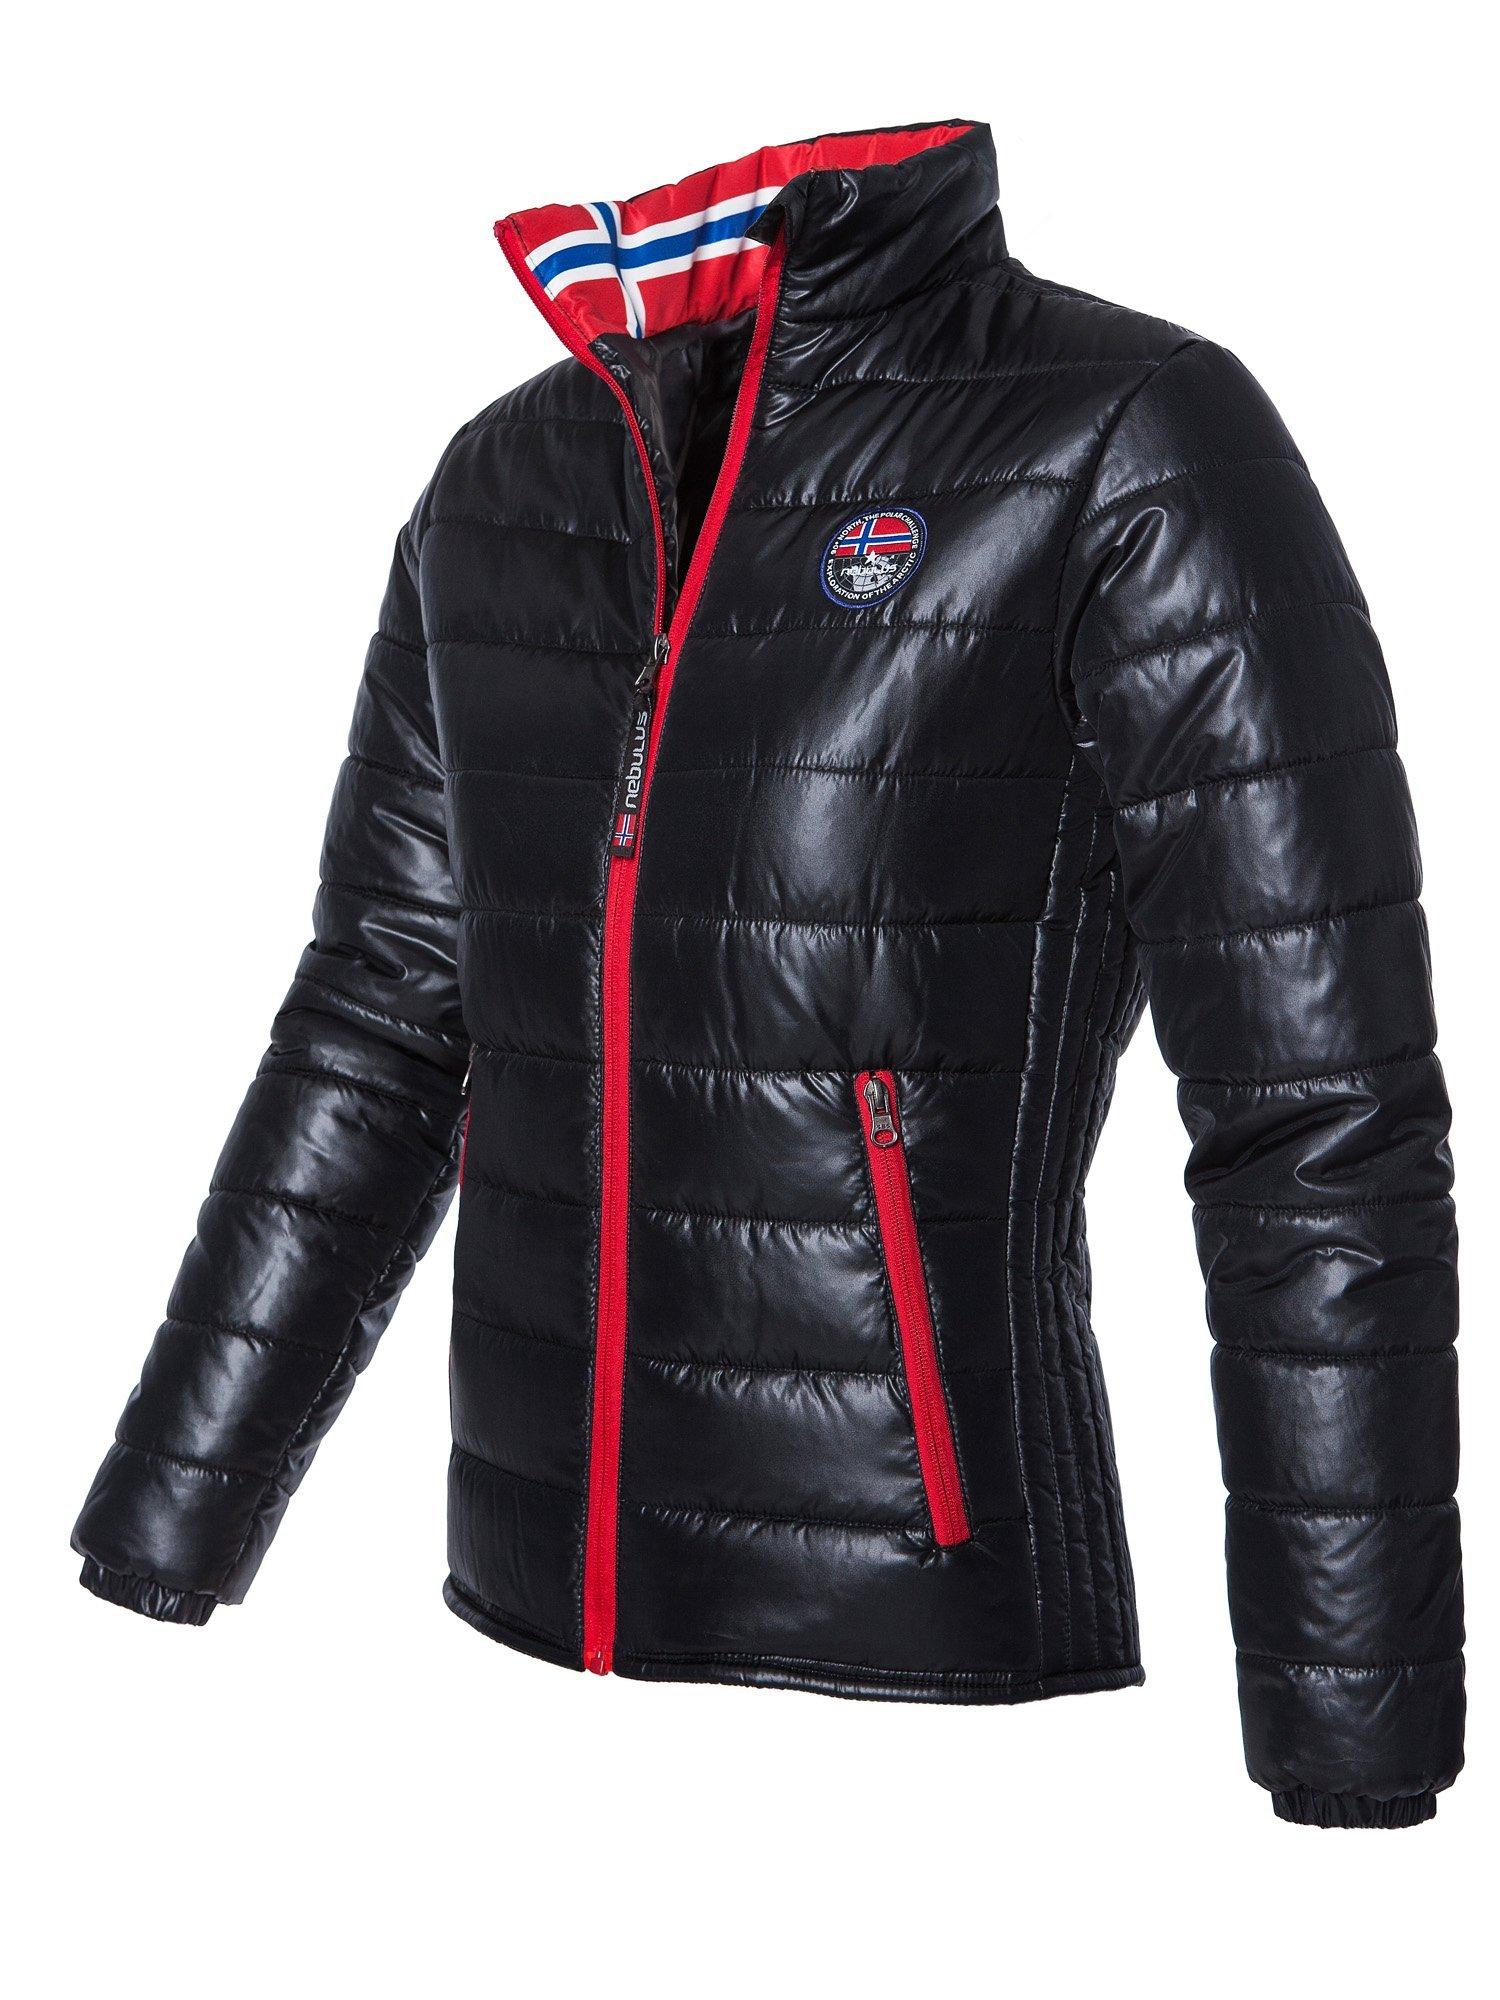 81gwvXoG%2BaL - Nebulus Women's Jacke Terry Jacket